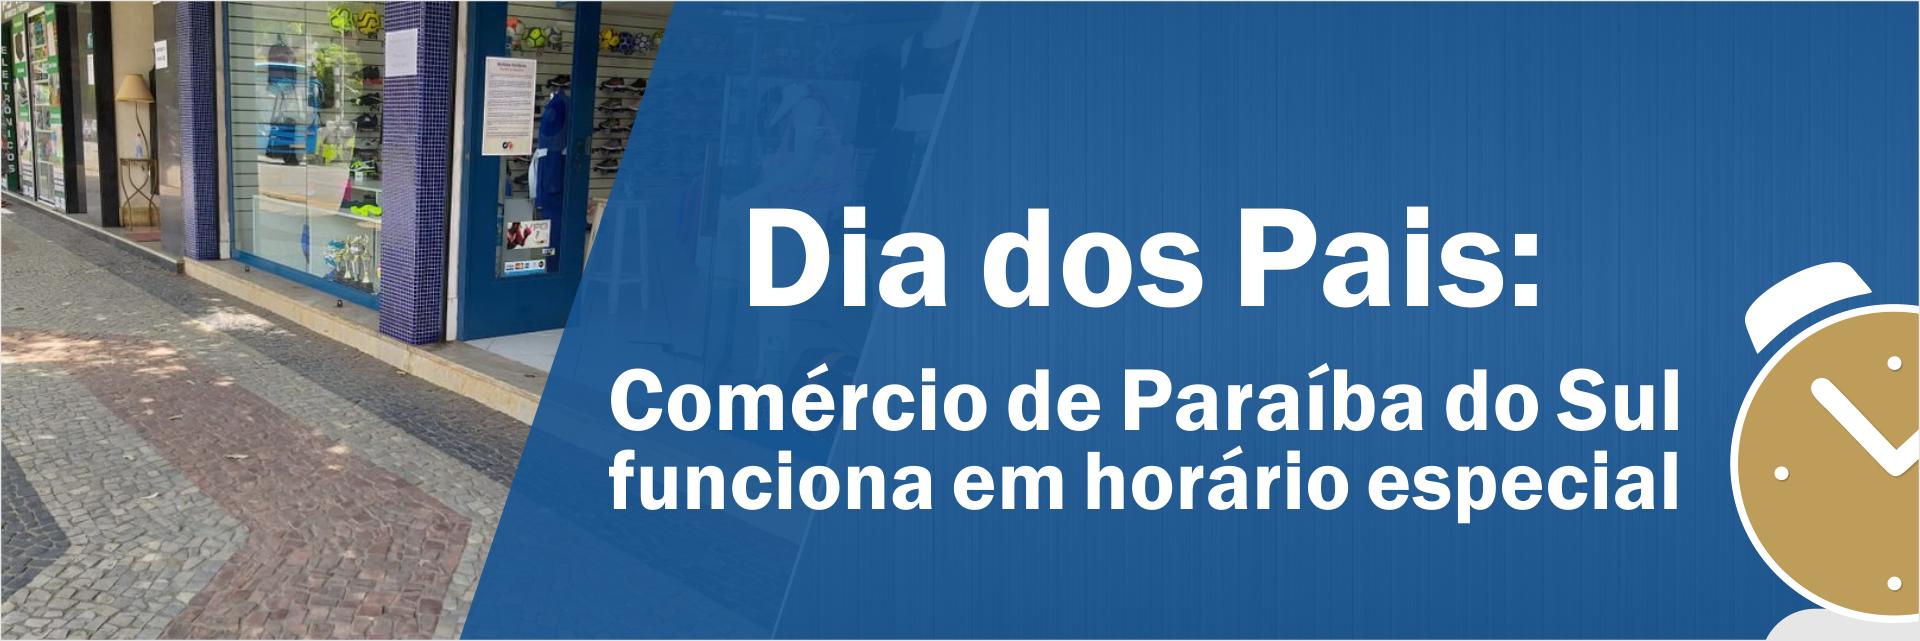 Dia dos Pais: Comércio de Paraíba do Sul funciona em horário especial